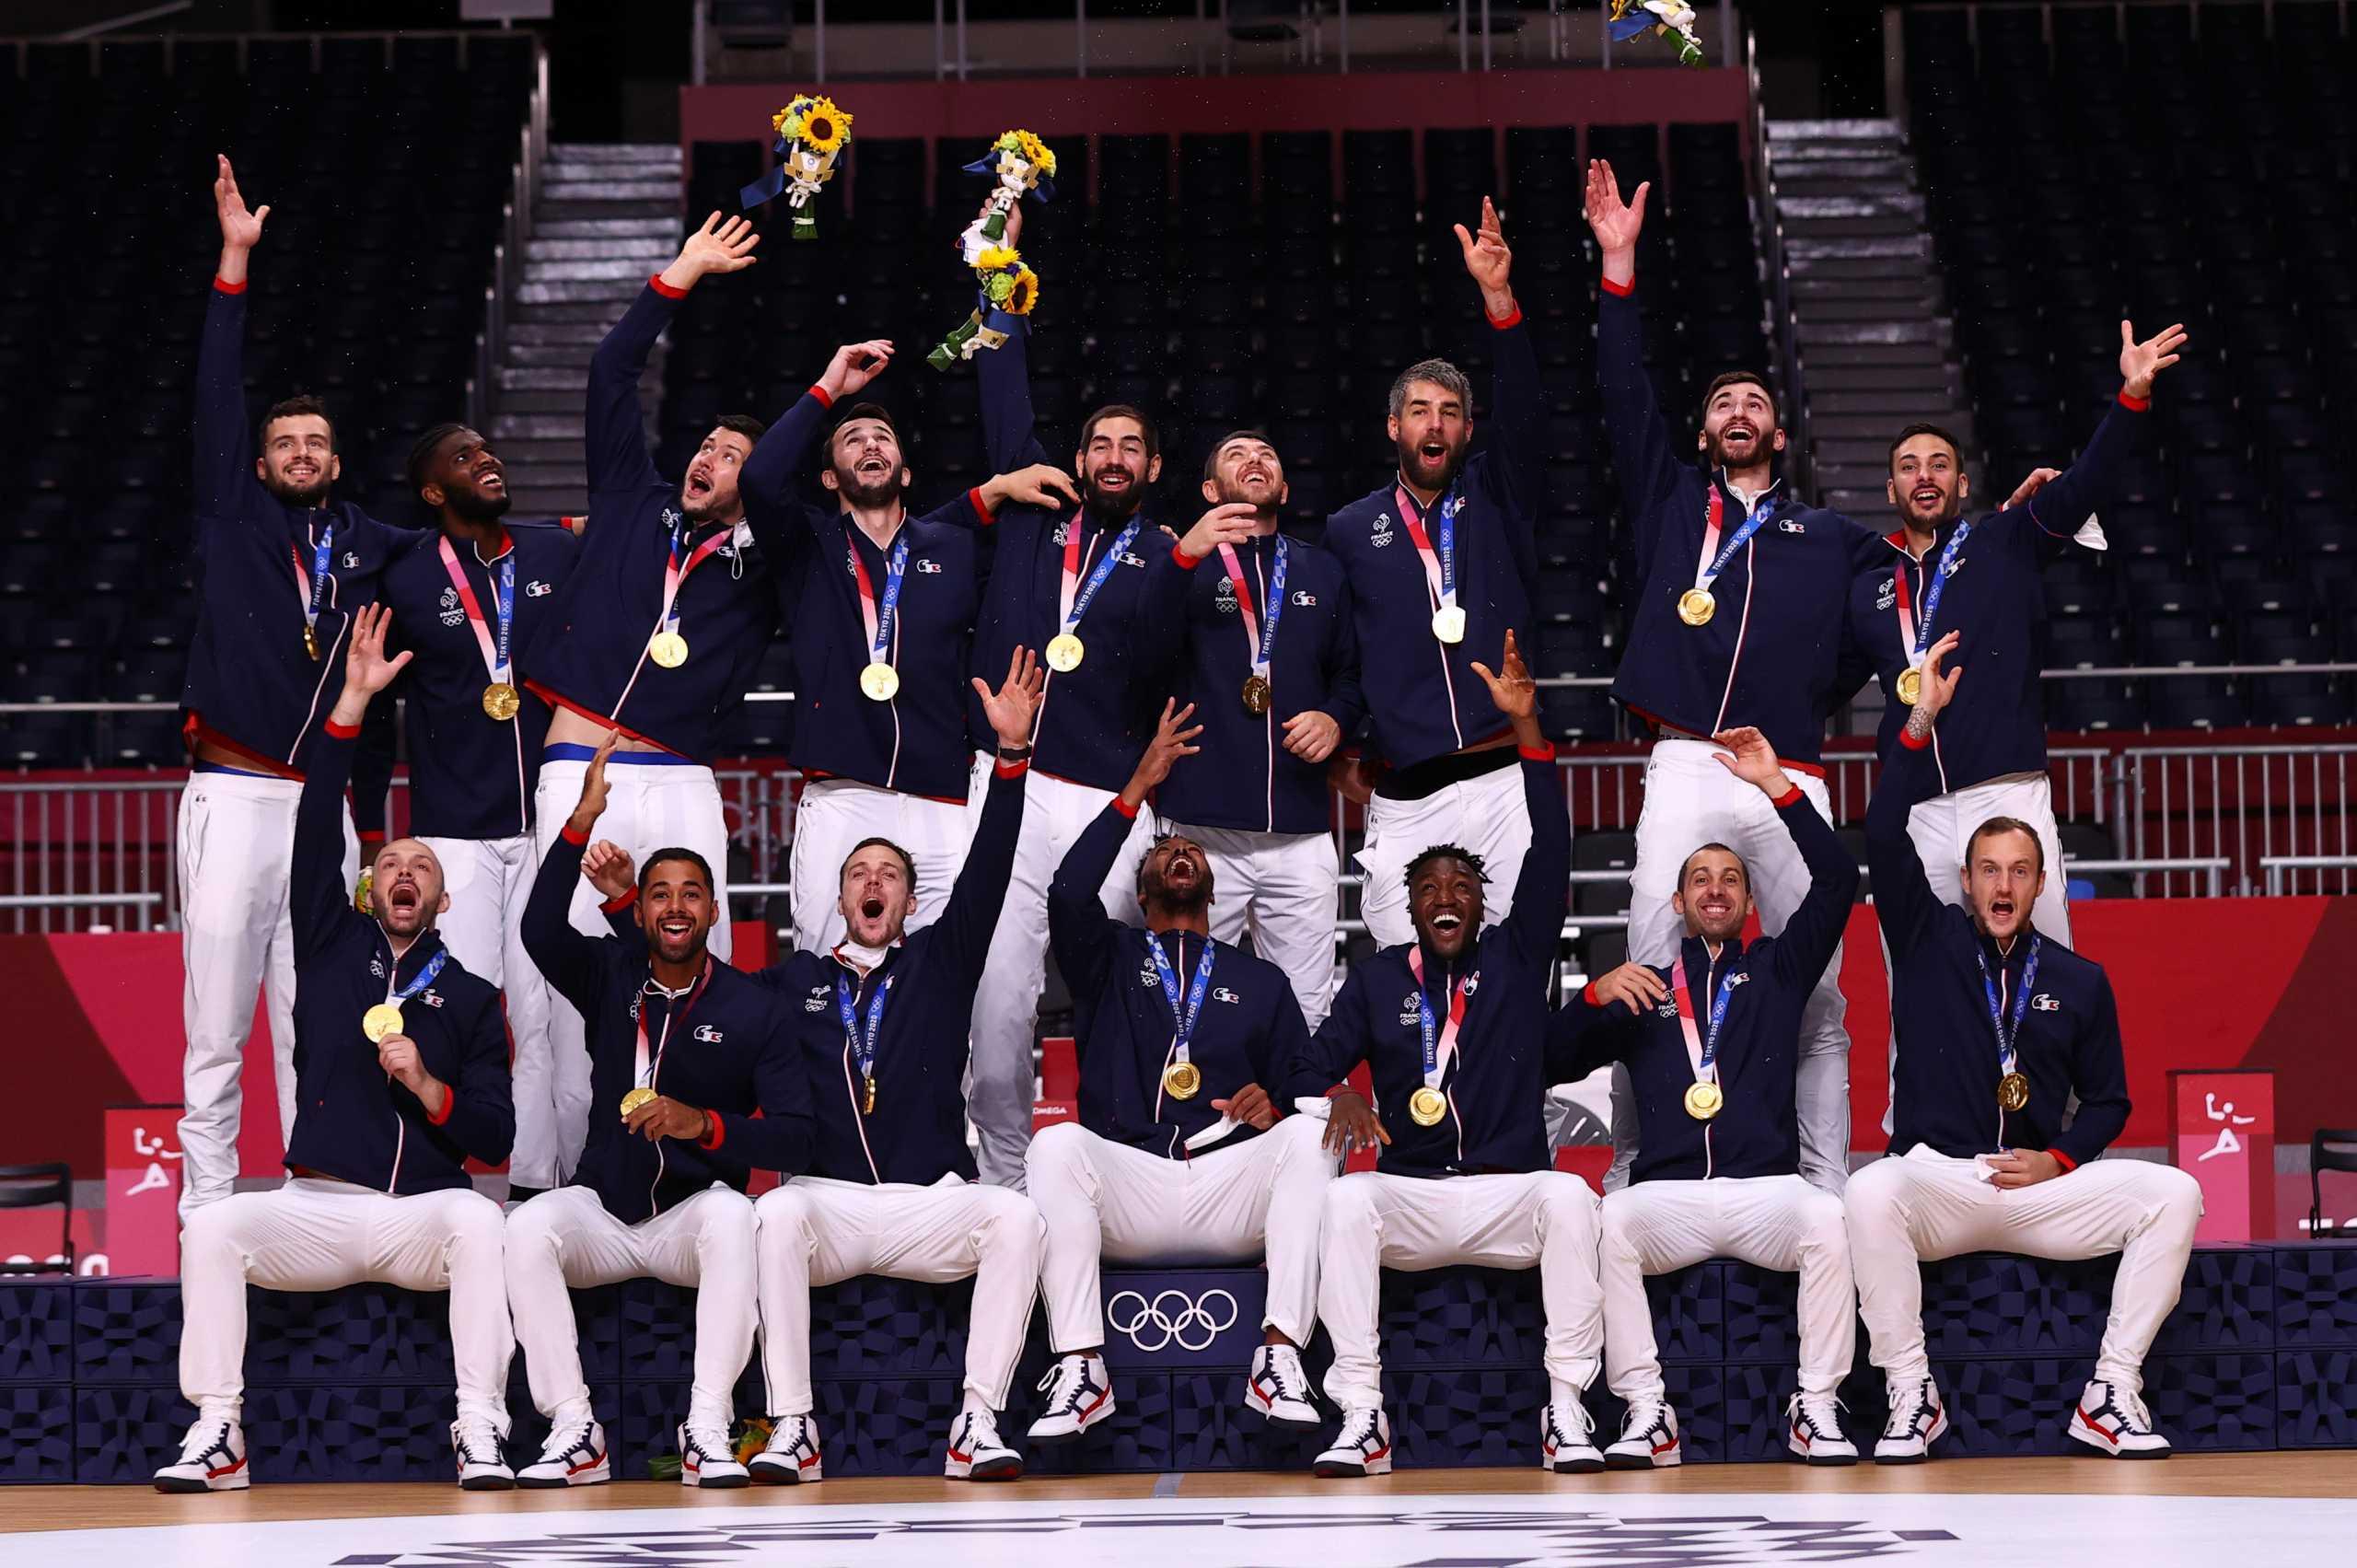 Ολυμπιακοί Αγώνες: Η Γαλλία πήρε το χρυσό και τη ρεβάνς από την Δανία στο χάντμπολ